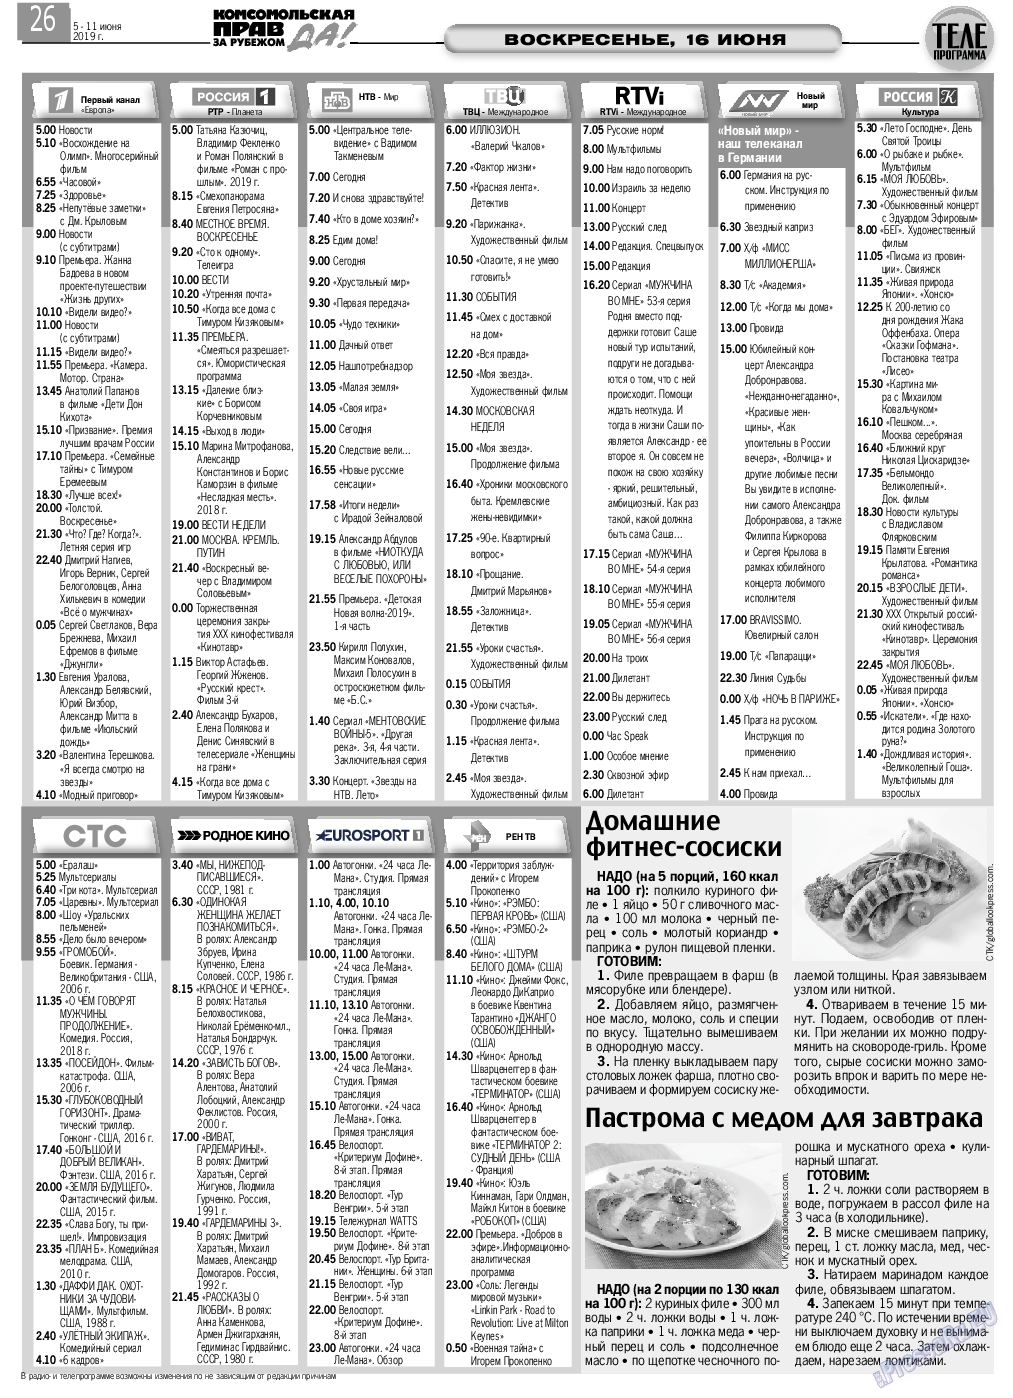 КП в Европе (газета). 2019 год, номер 23, стр. 26